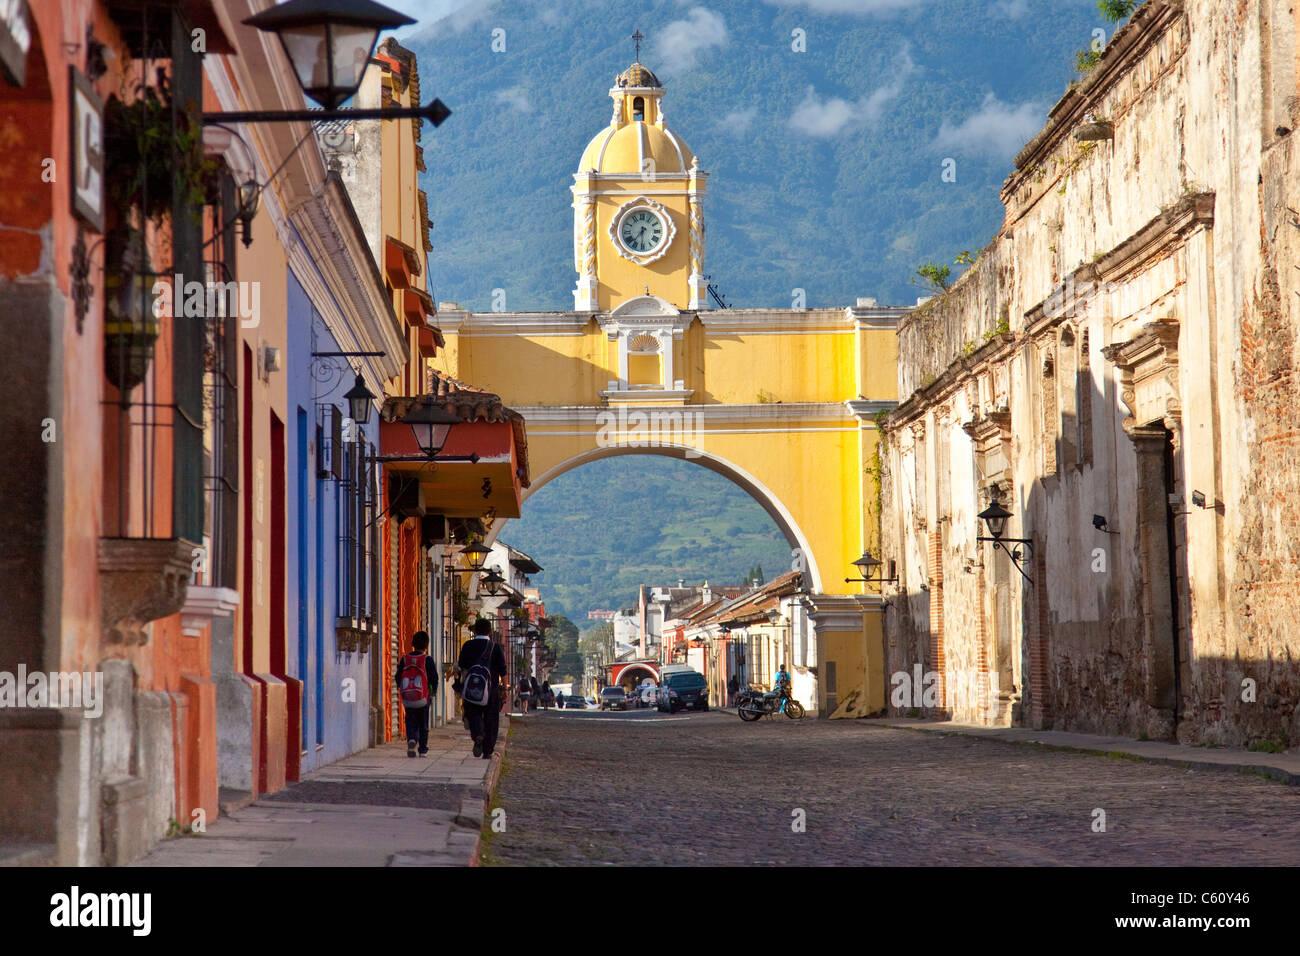 Santa Catalina Arch, Calle del Arco, Antigua, Guatemala - Stock Image